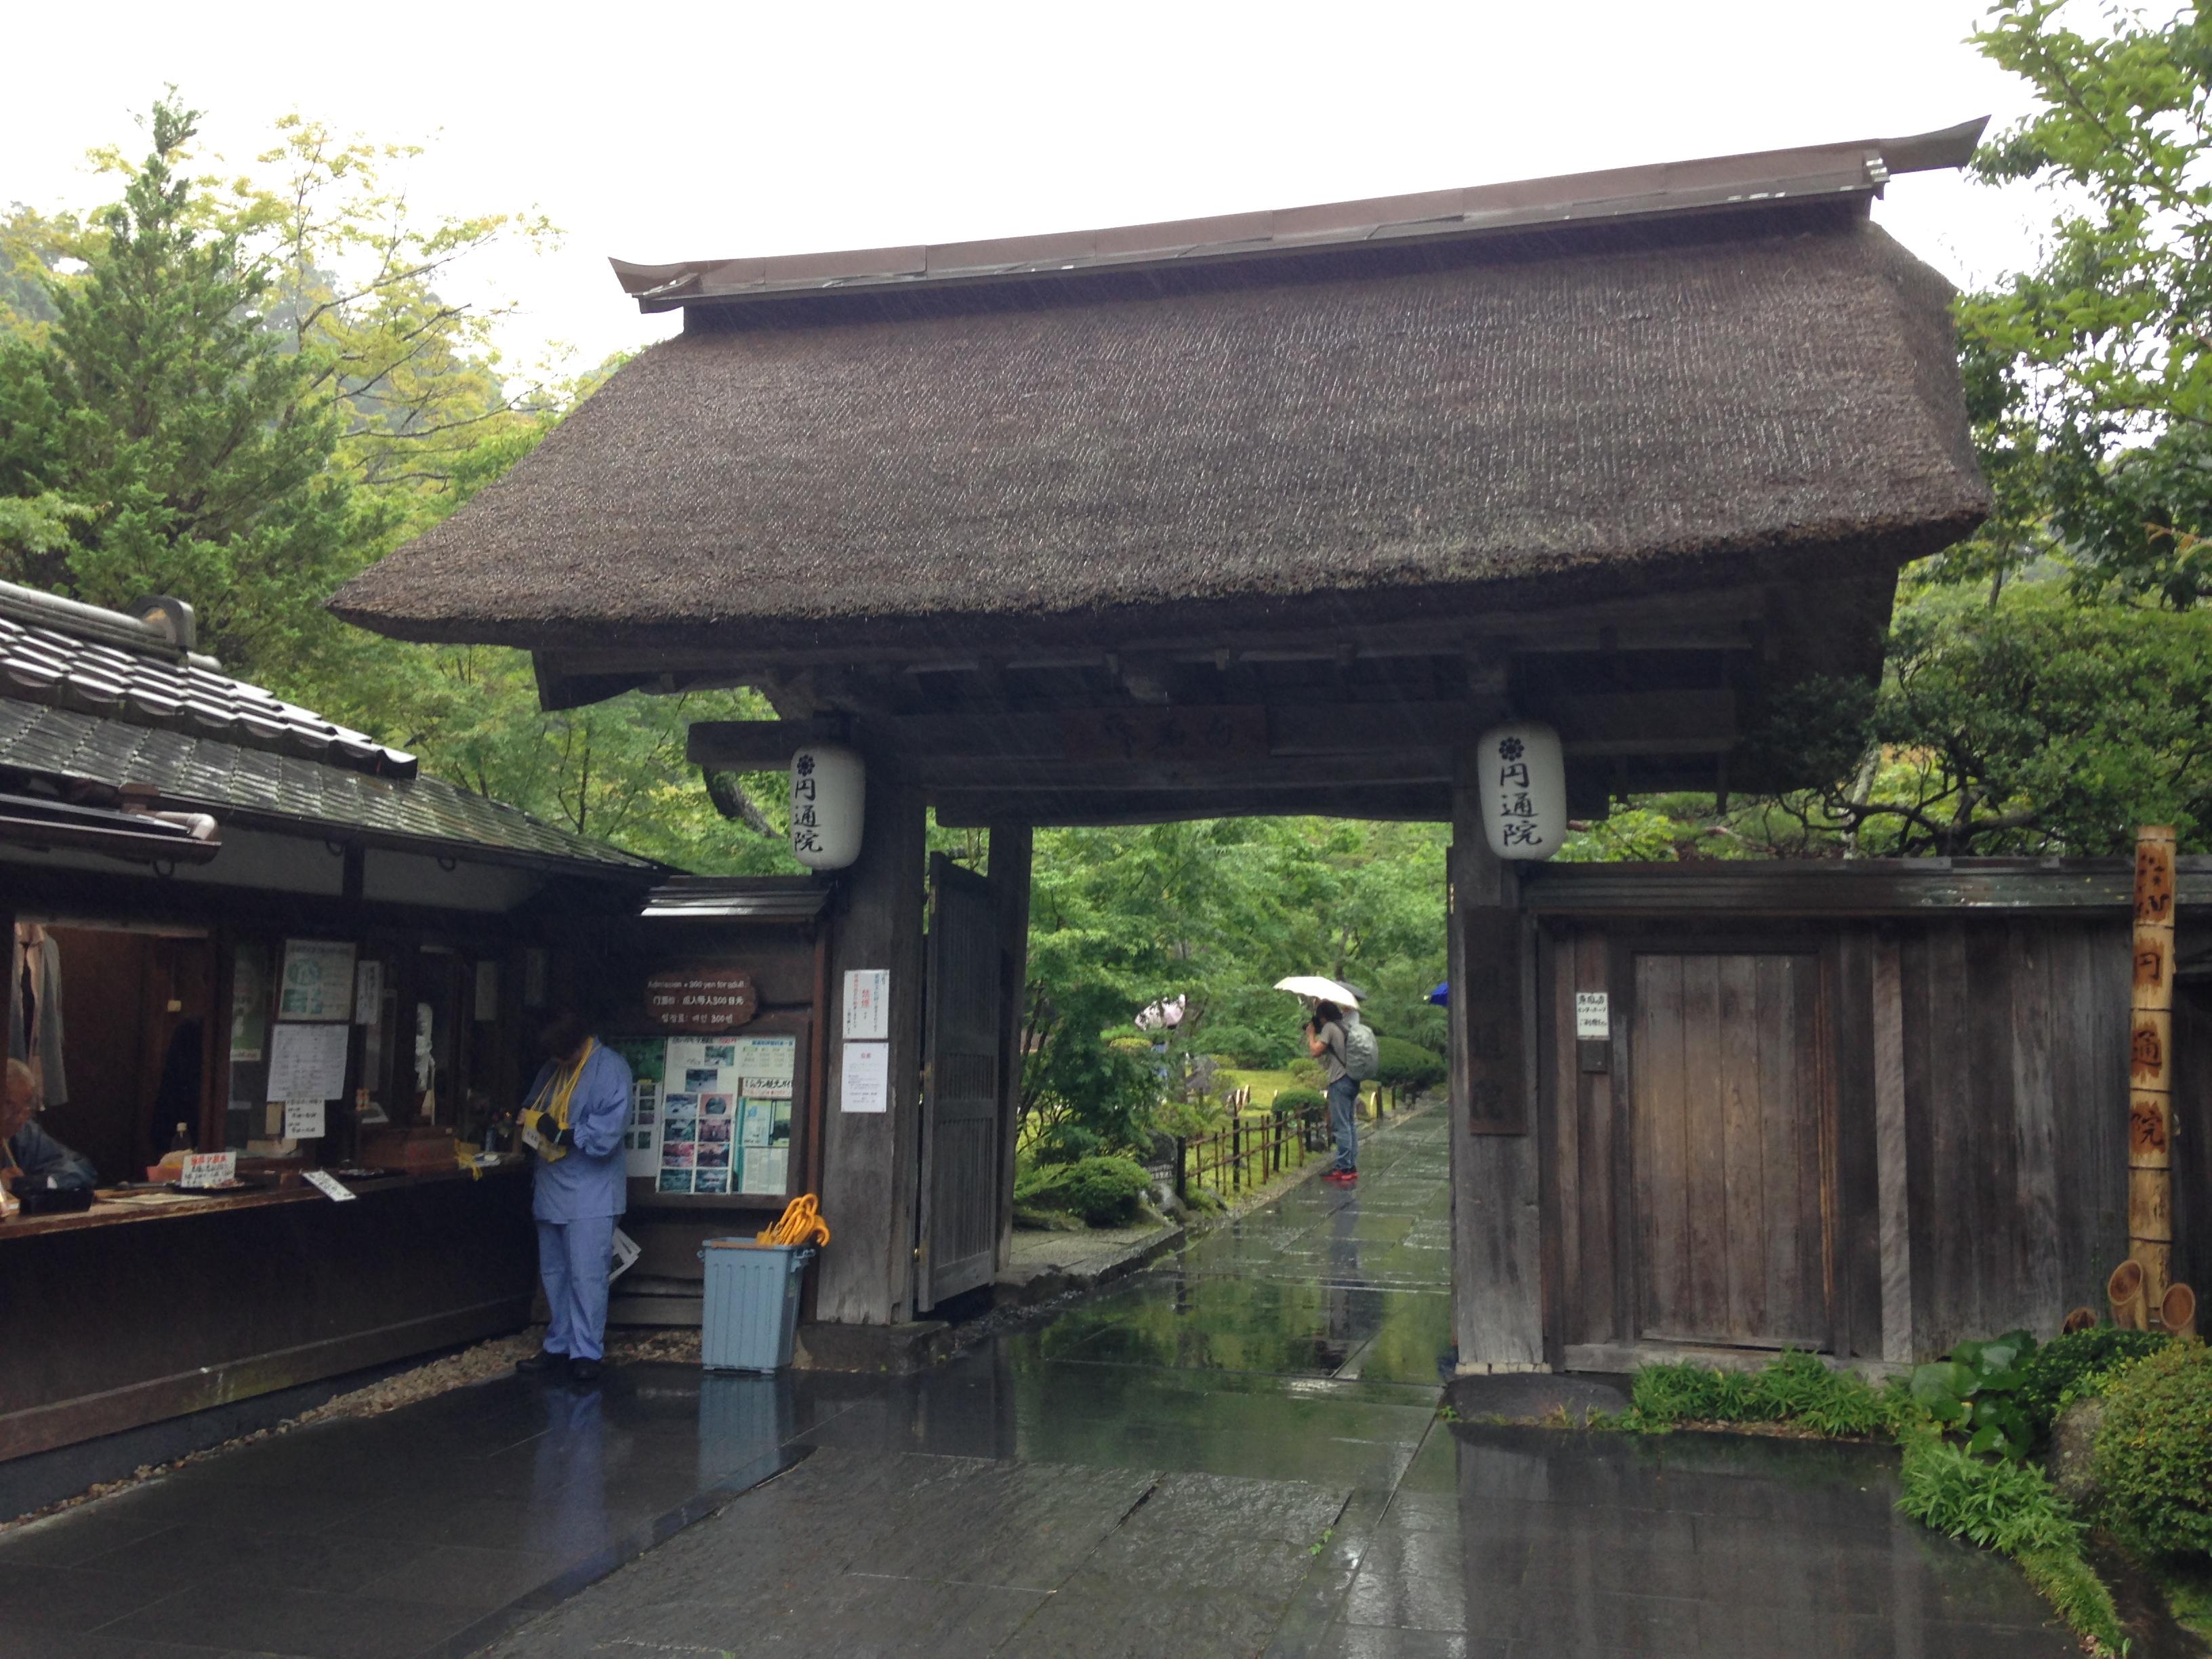 圆通寺外观。